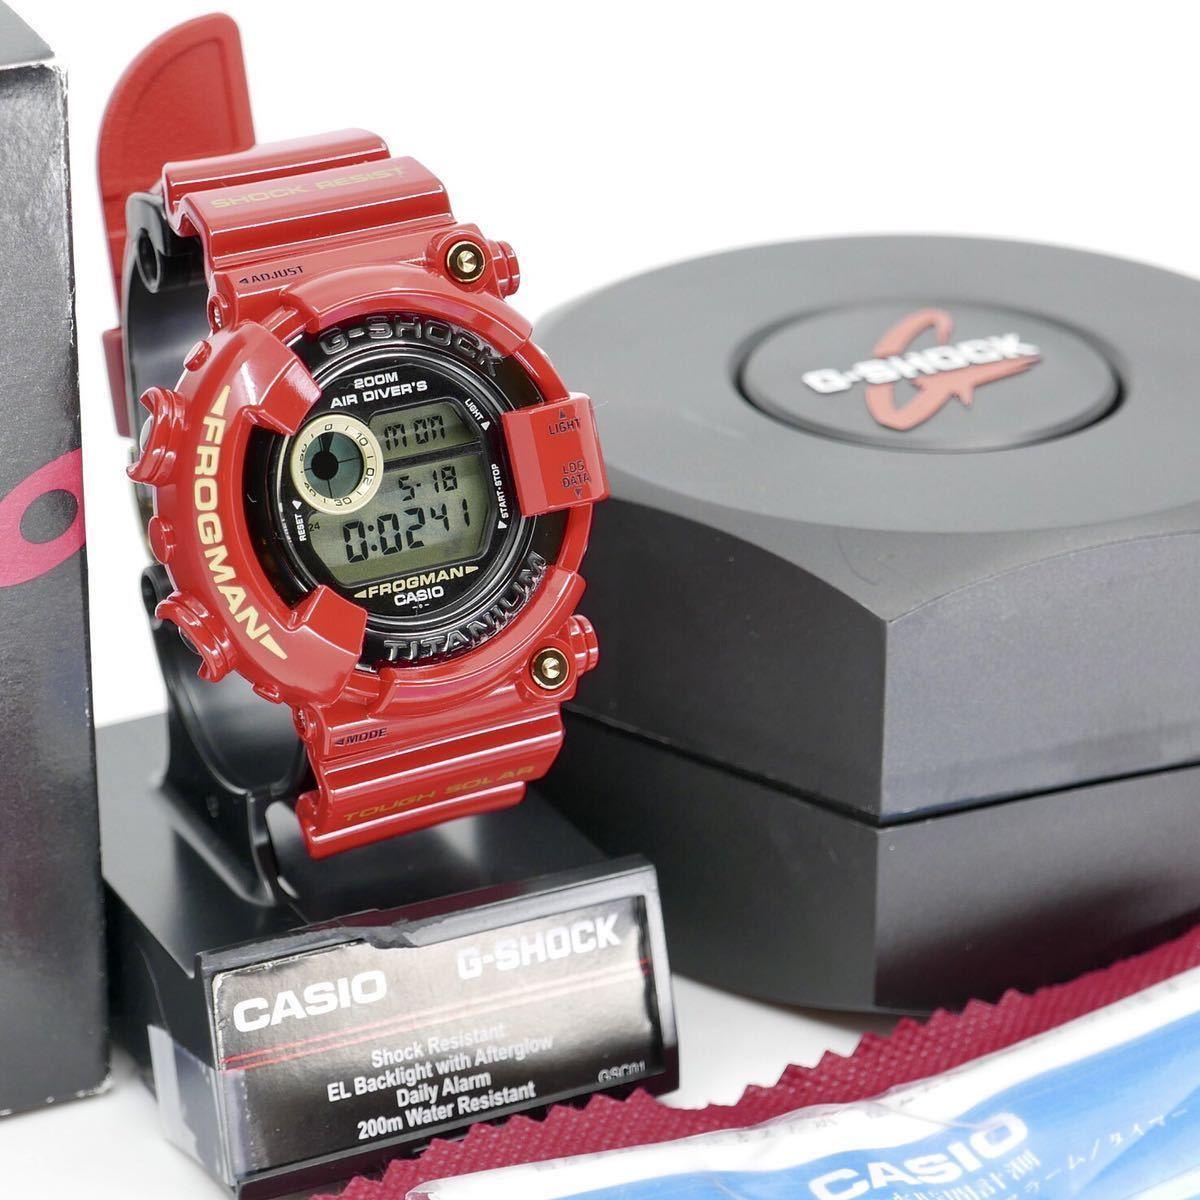 【極美品】シャイニーレッド ブラックフロッグマン DW-8200BM MIB2極美品モジュール GF-8230新品ベルベゼ カスタム DW-8201 8250シリーズ_MIB2のレッドフロッグマン仕様極美品